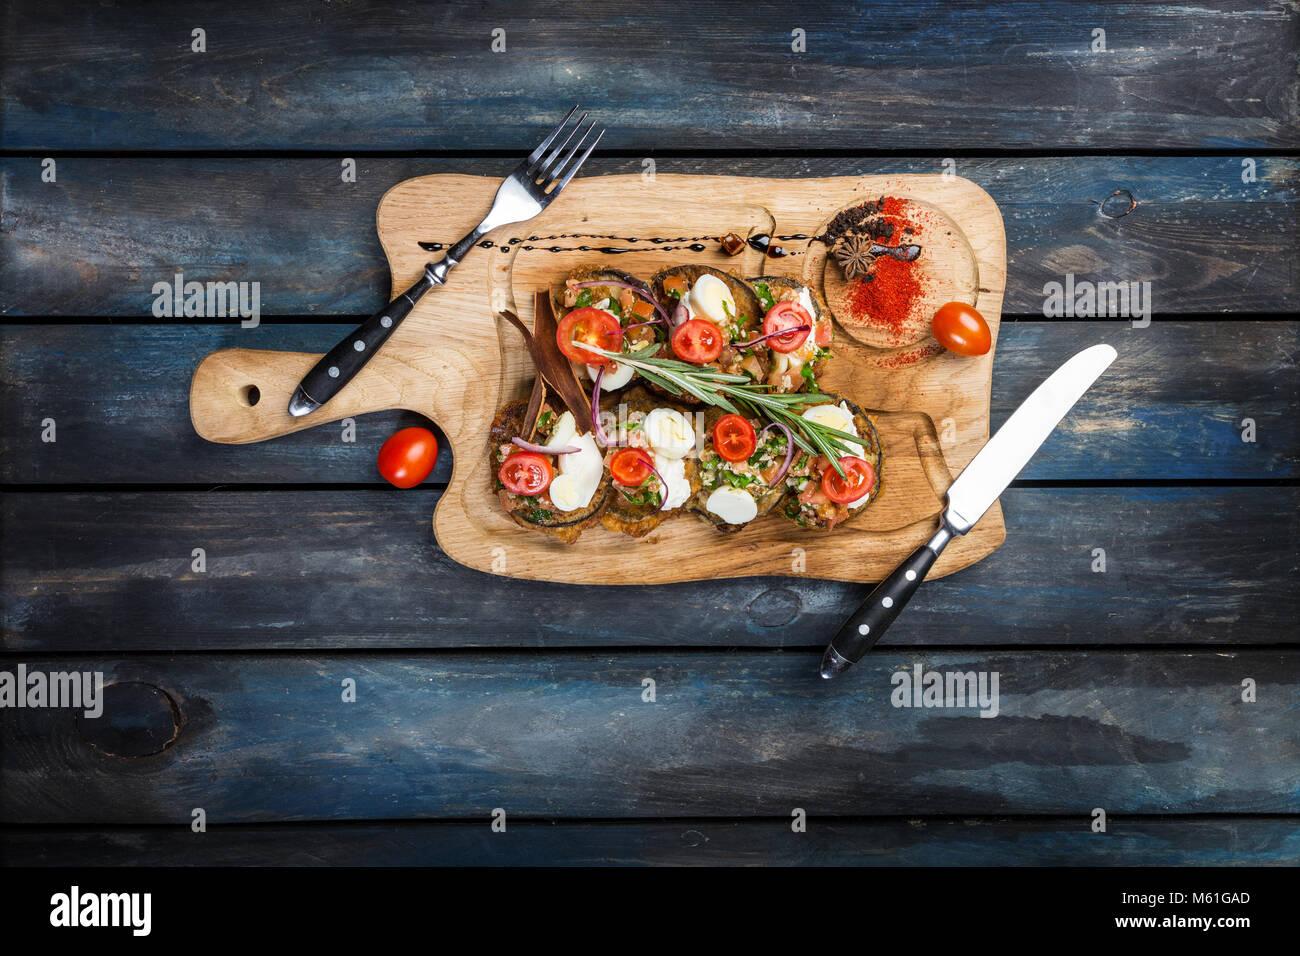 Melanzane al forno con ripieno di ricotta e pomodoro Immagini Stock